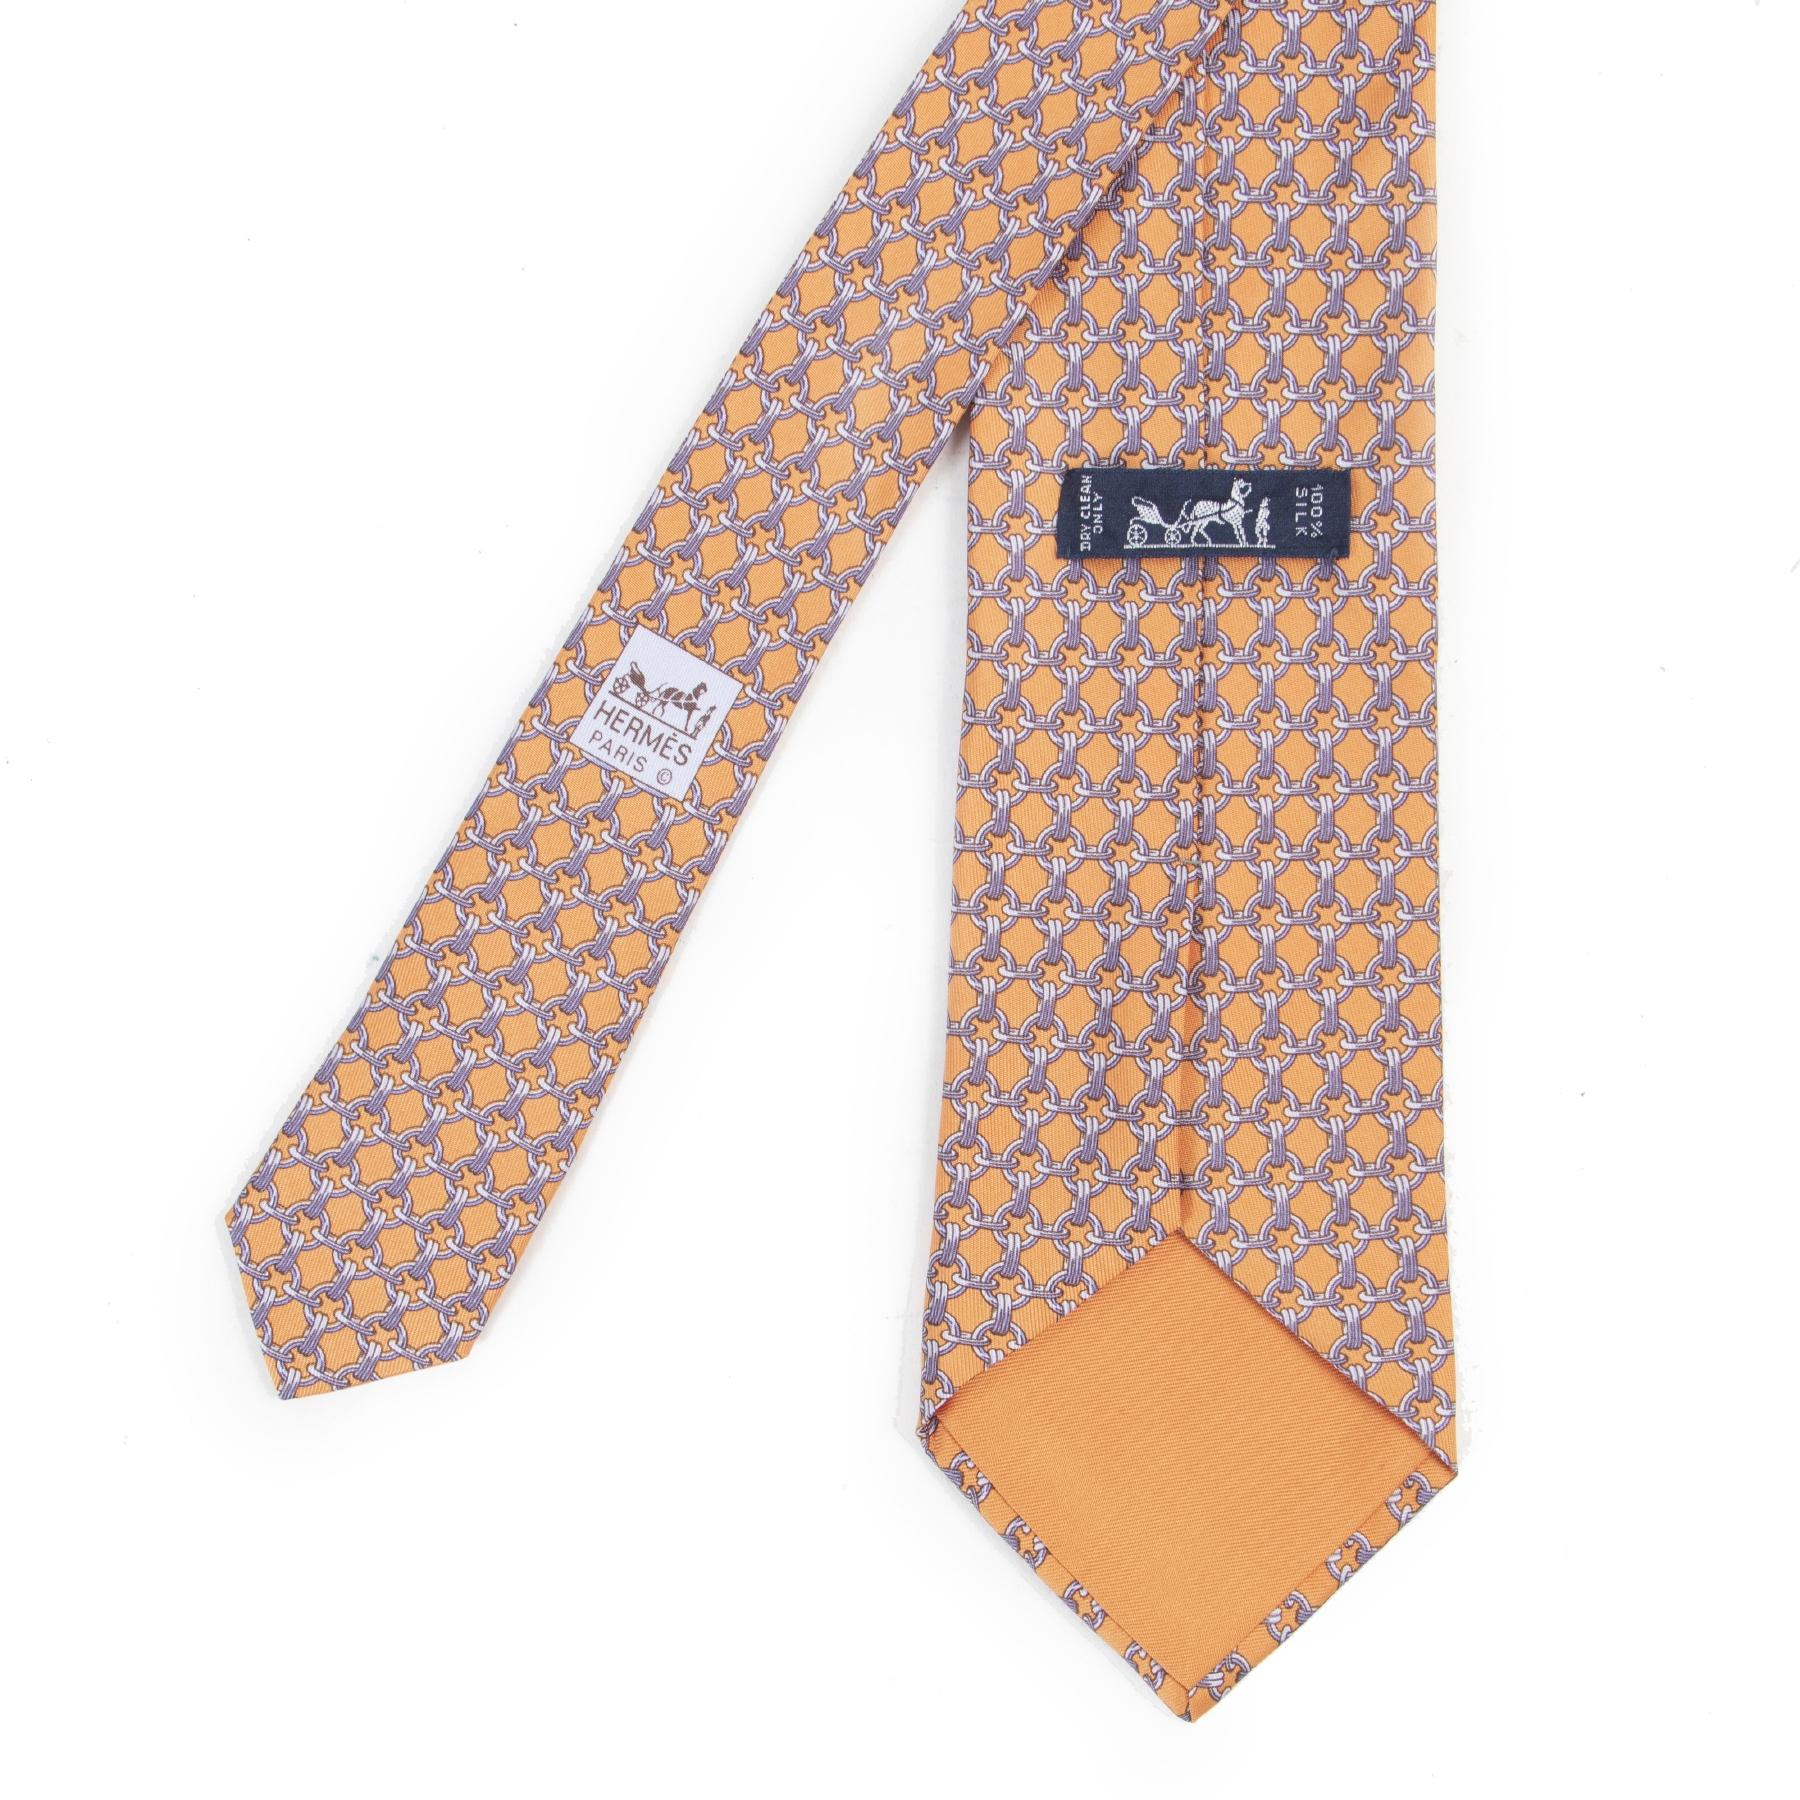 Authentieke Tweedehands Hermès Orange Chain Links Silk Tie juiste prijs veilig online shoppen luxe merken webshop winkelen Antwerpen België mode fashion